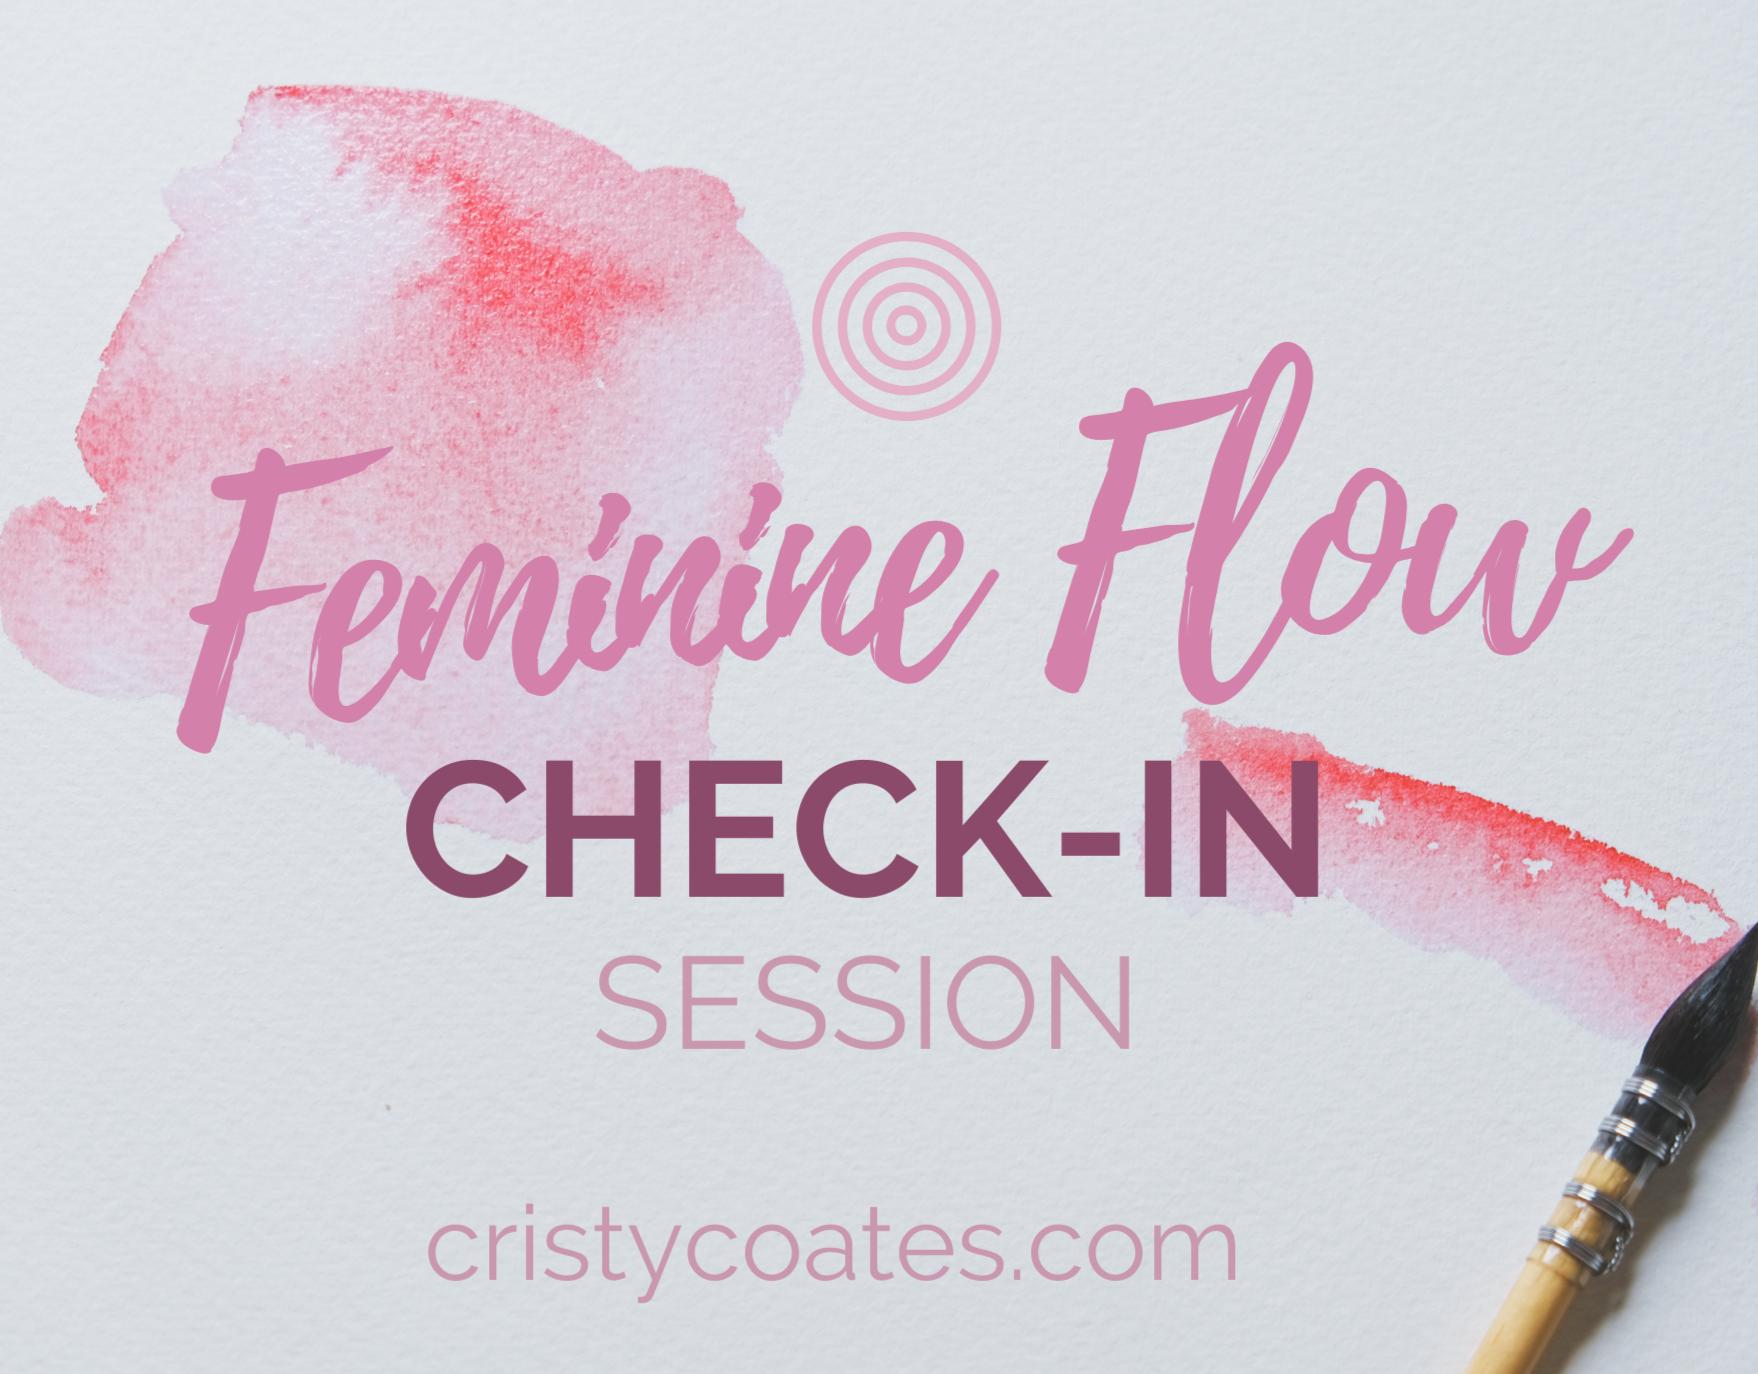 Feminine Flow Check In Session